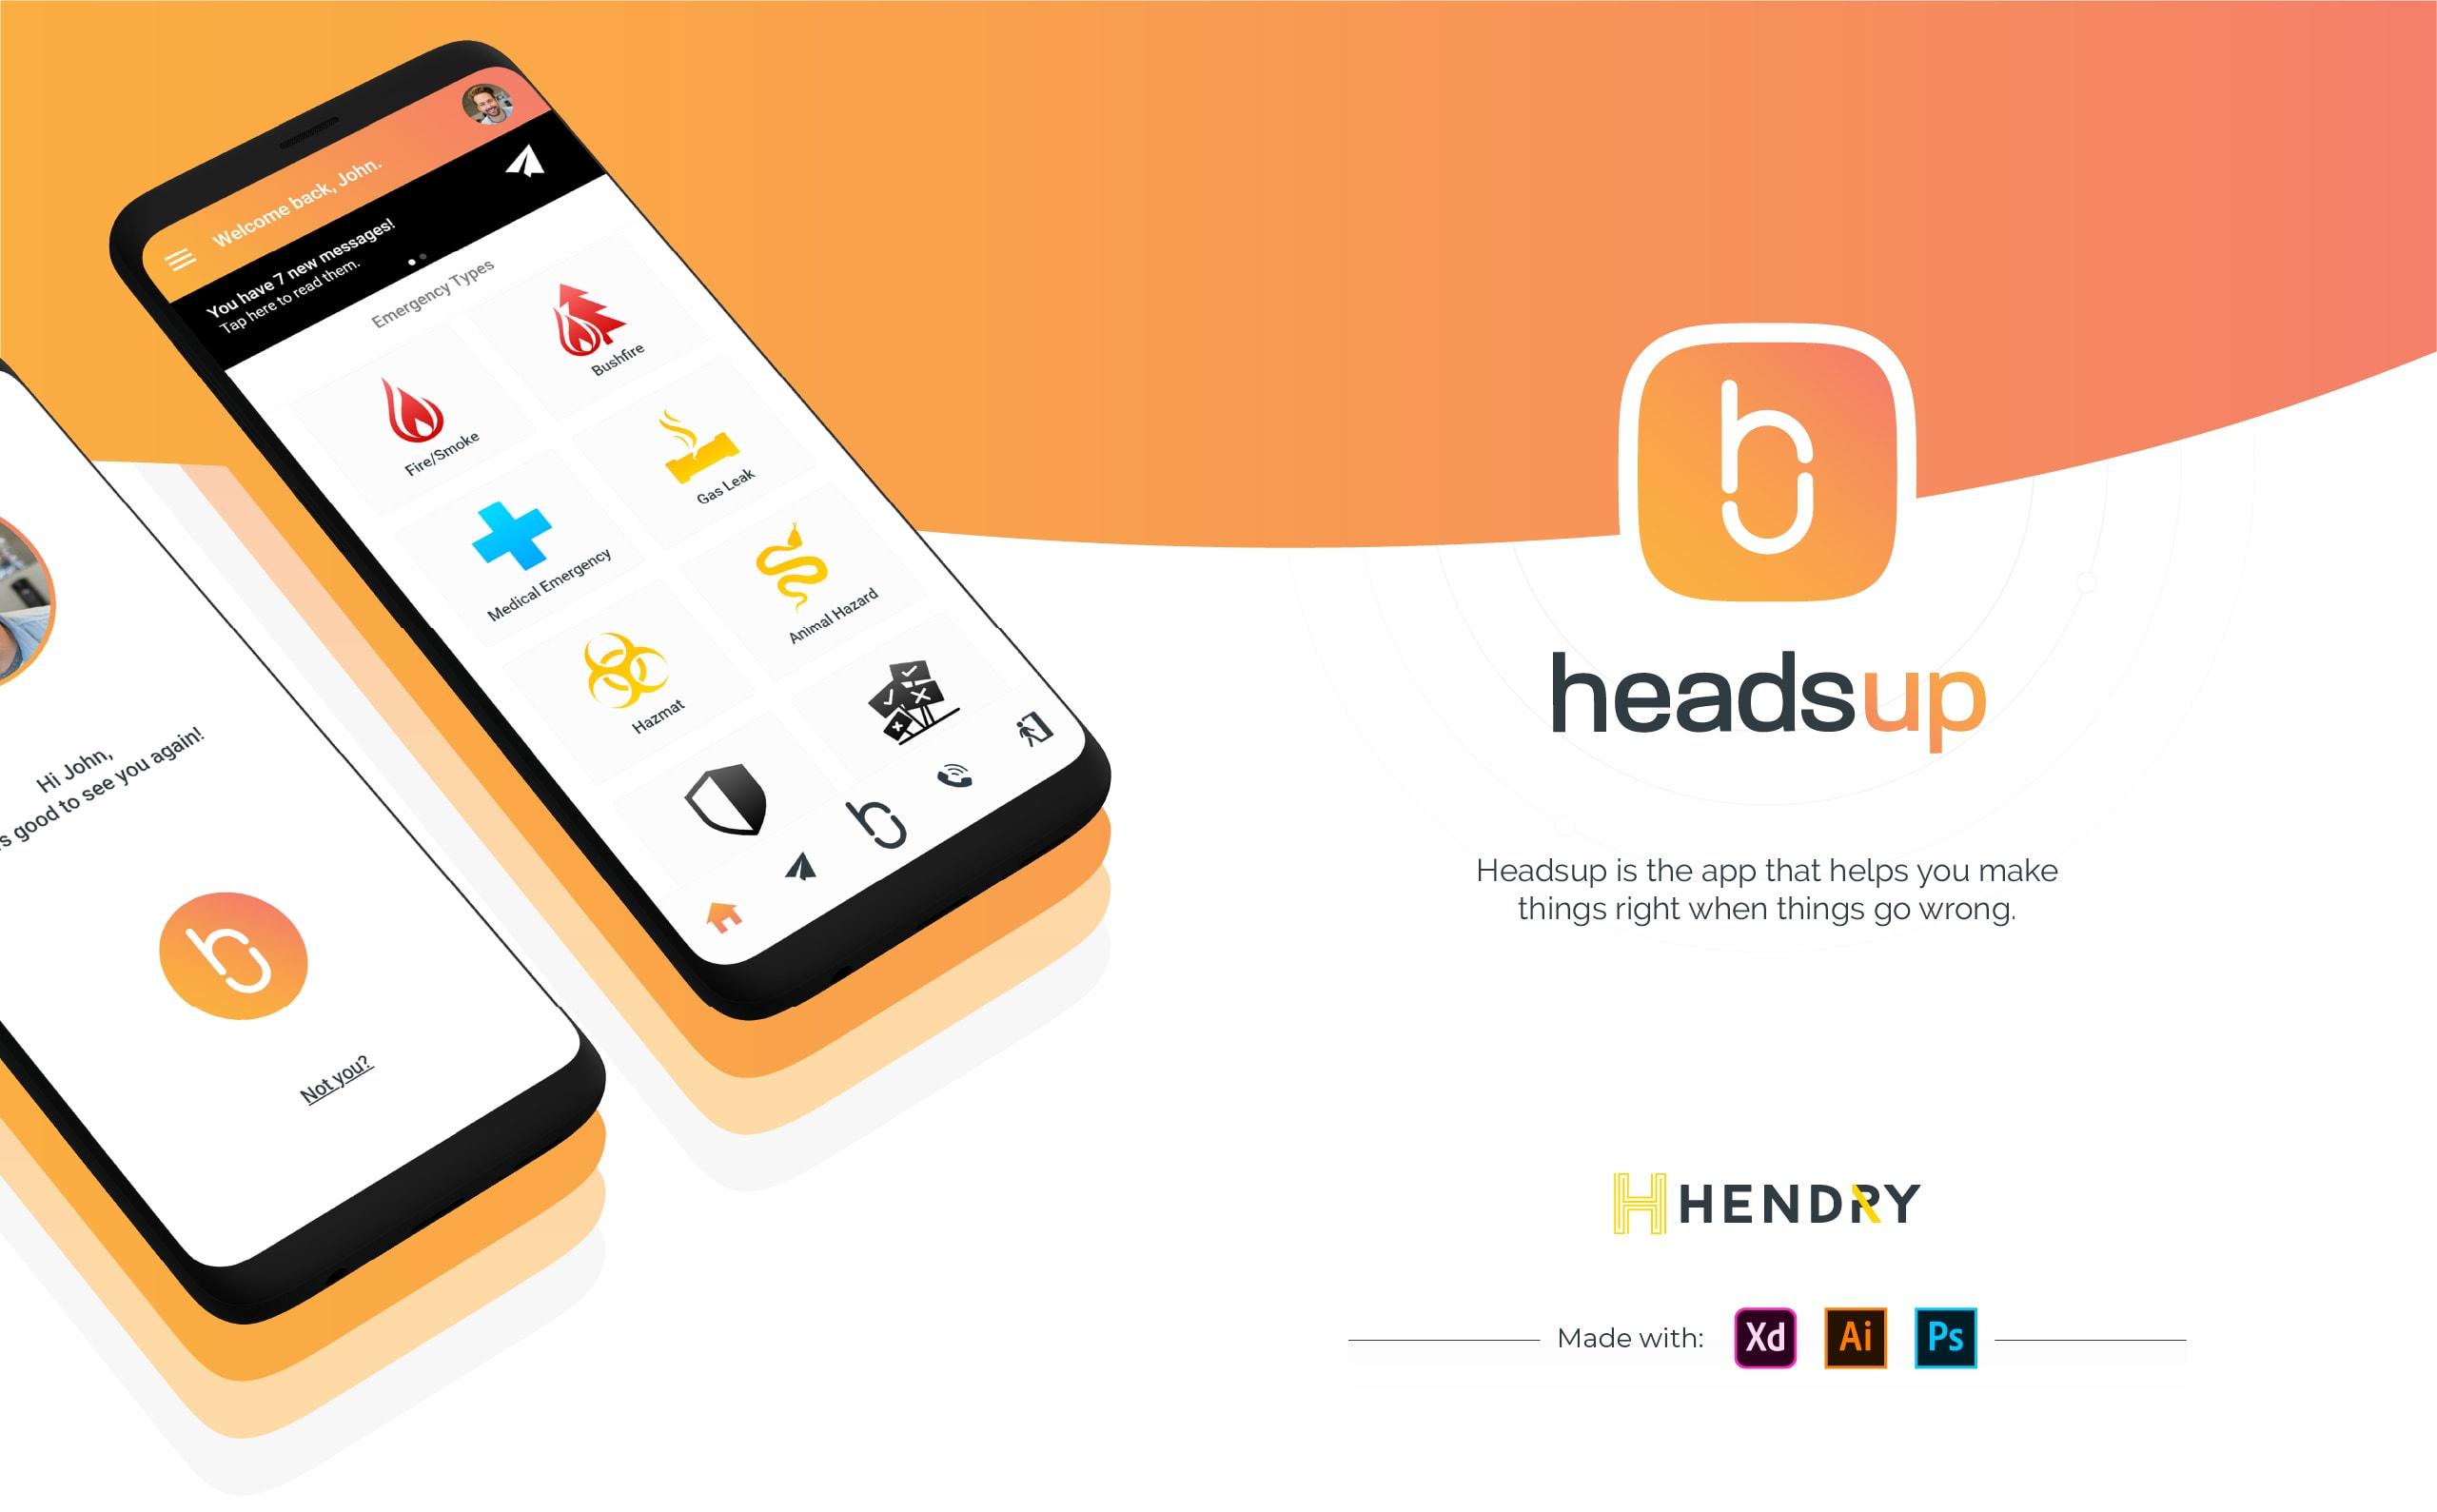 Headsup description